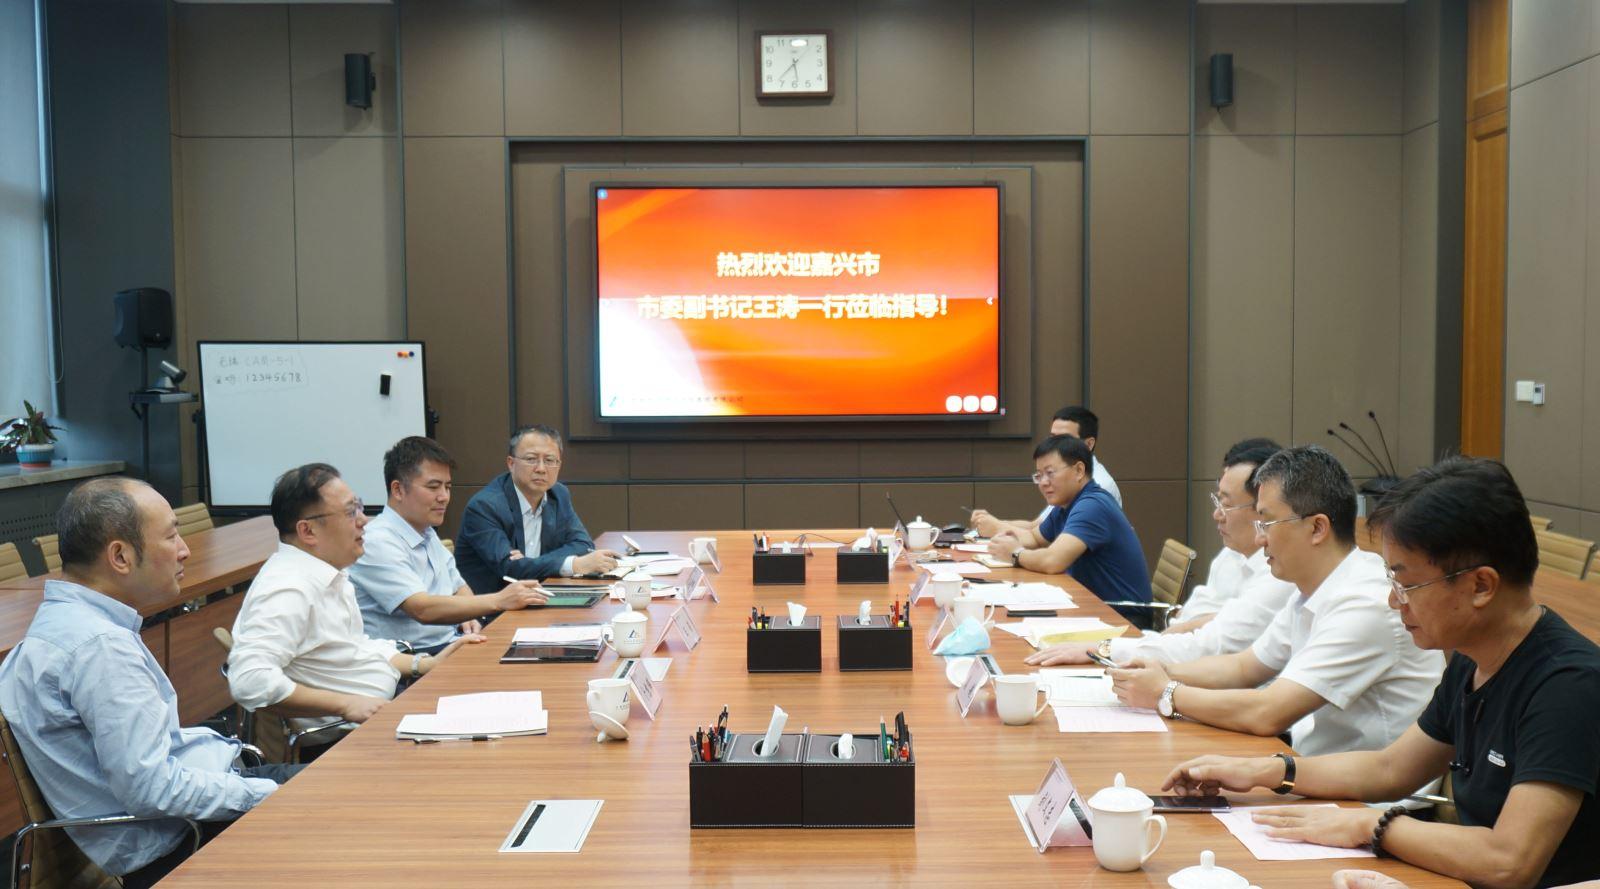 嘉兴市委副书记王涛一行到访机械总院集团